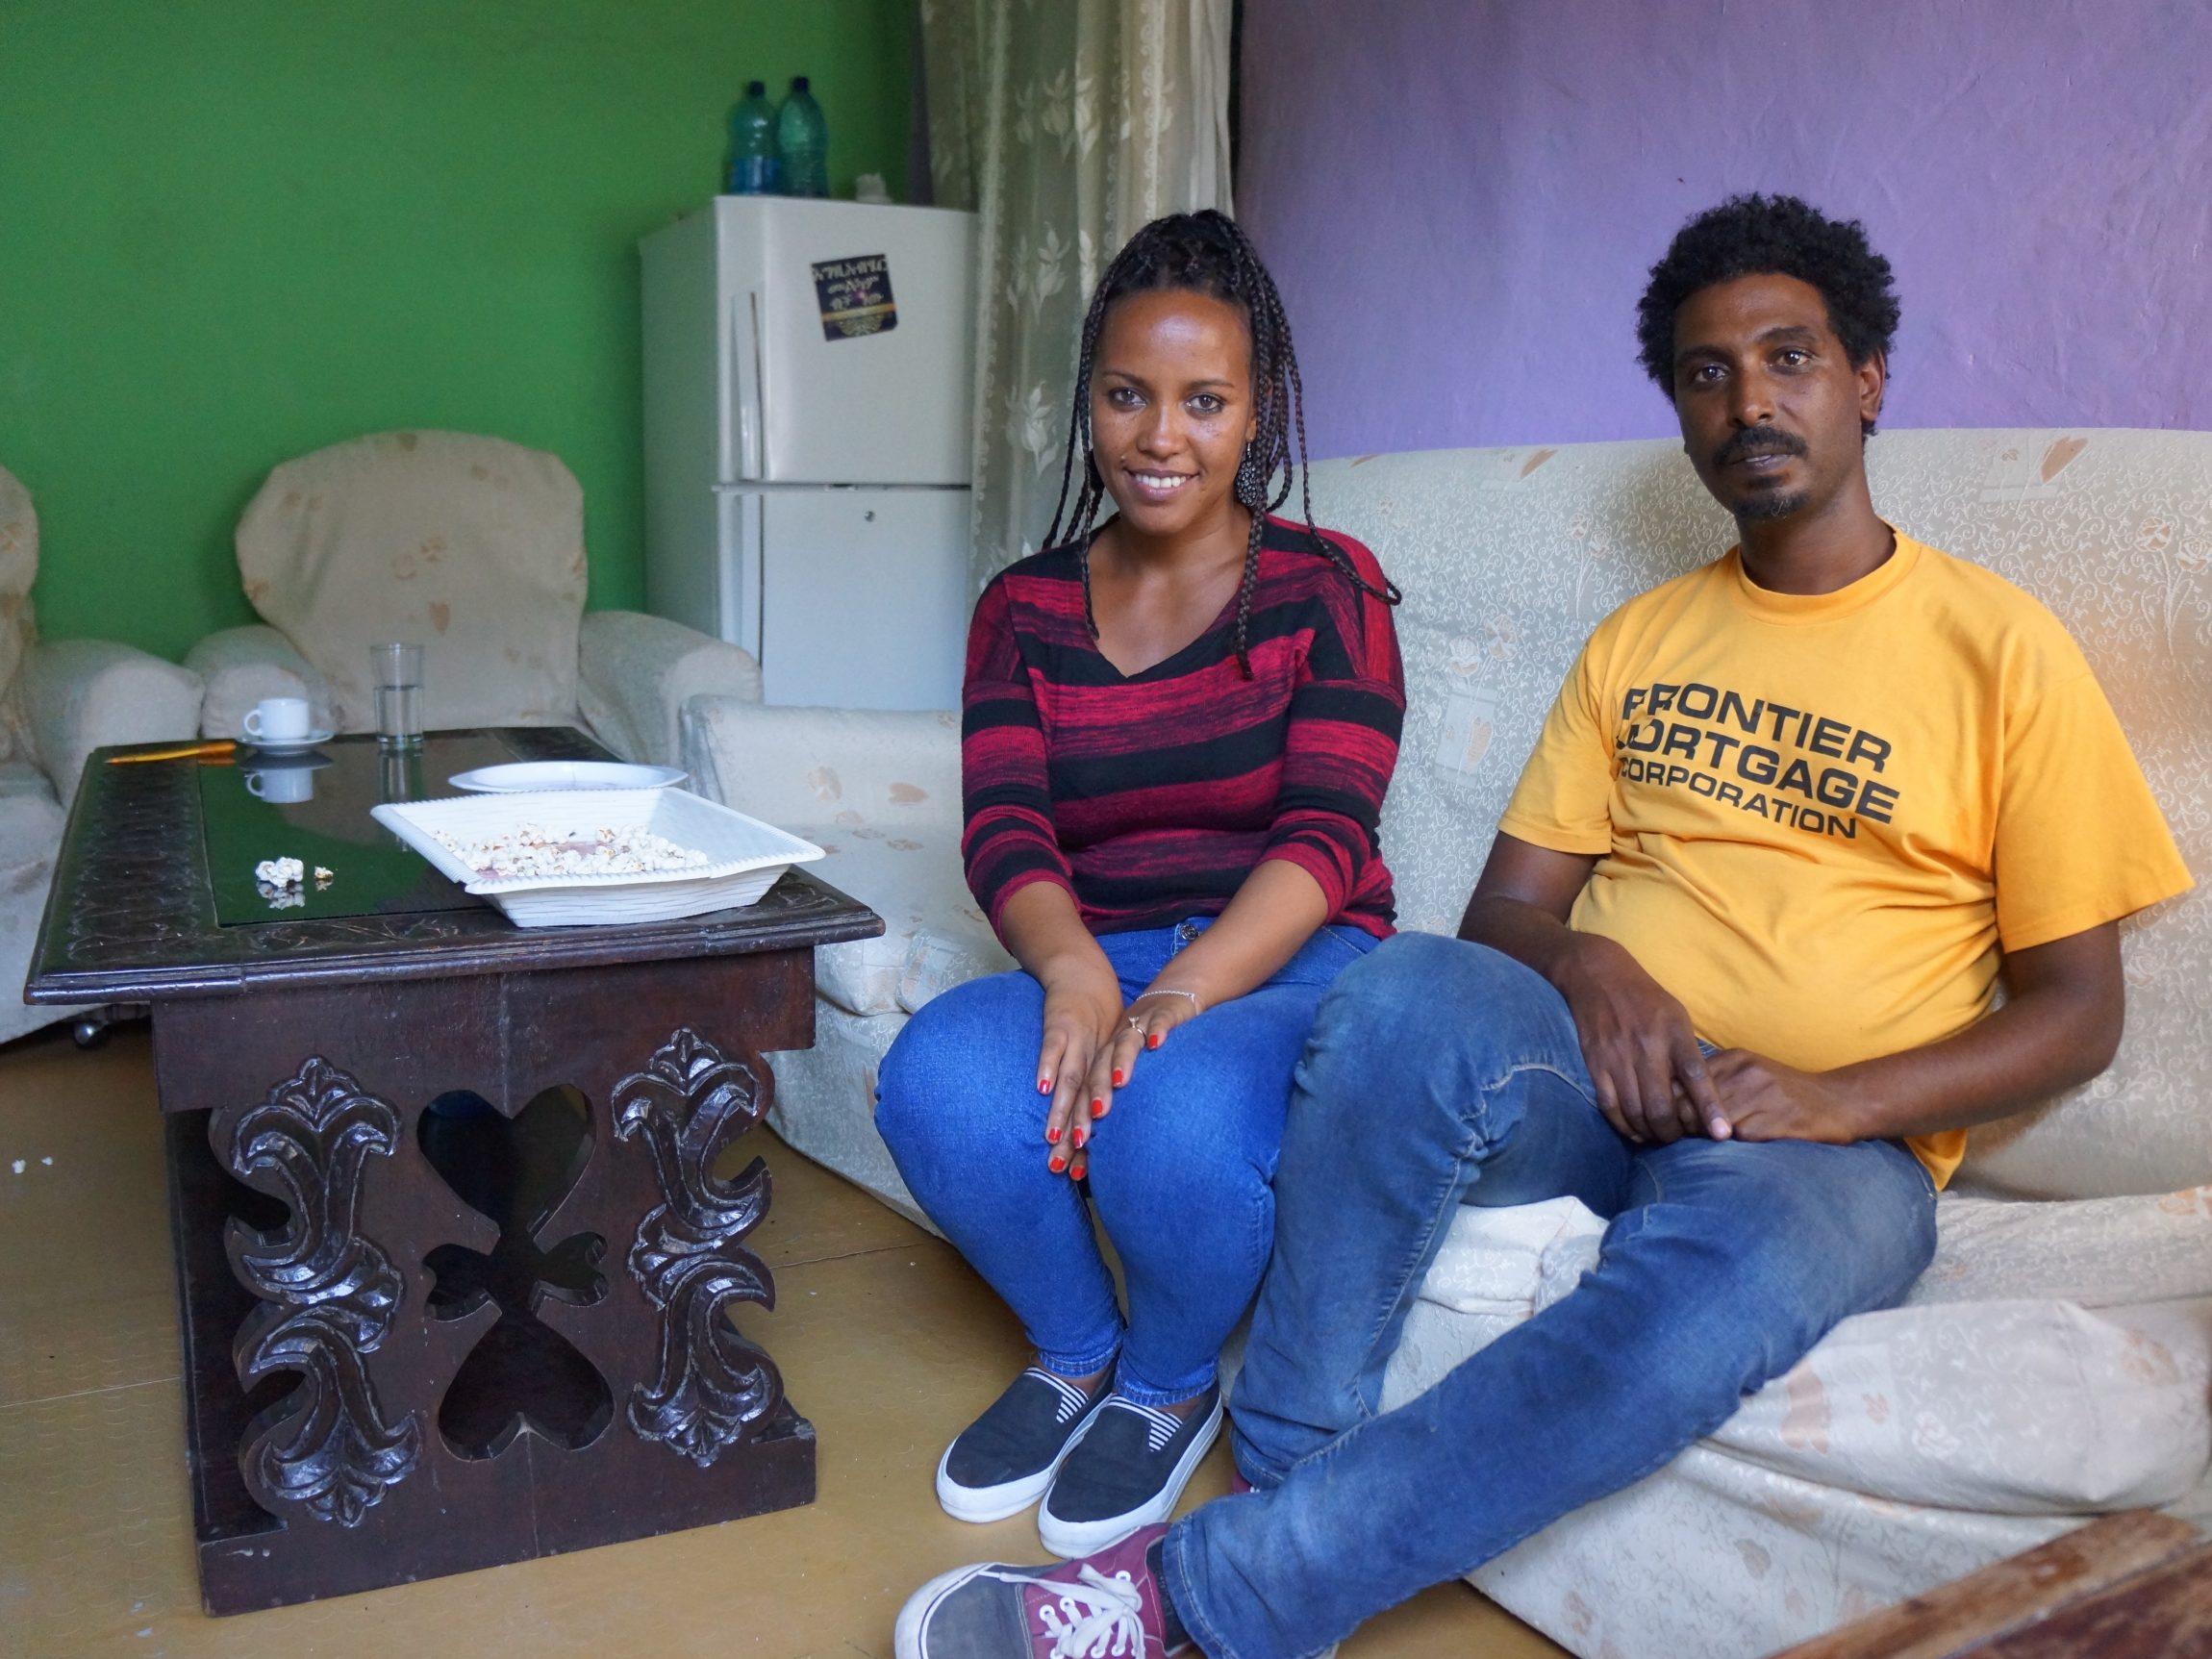 Eden, een jonge Eritrese vrouw van 28 jaar, woont met haar man Mikias (32) en haar zoon Neftalem (10) als vluchteling in Ethiopische hoofdstad Addis Abeba.In deze miljoenenstad zoeken duizenden jonge Eritrese vluchtelingen hun toevlucht. De Ethiopische overheid staat hen toe de vluchtelingenkampen achter zich te laten, mits ze een sponsor hebben die in hun […]